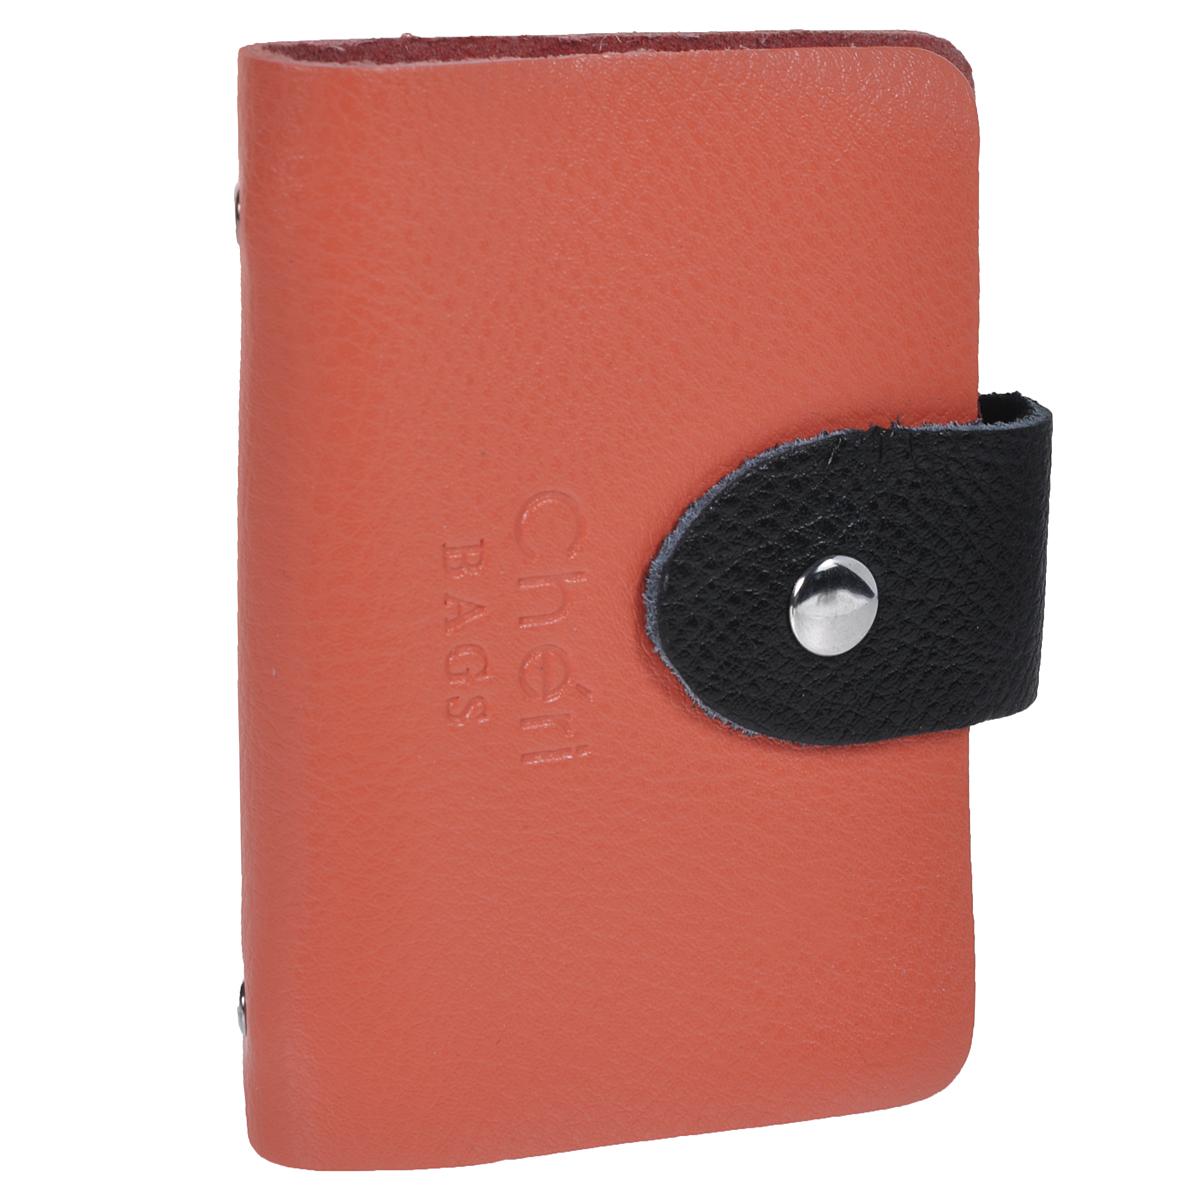 Визитница Cheribags, цвет: коралловый, черный. V-0498-32